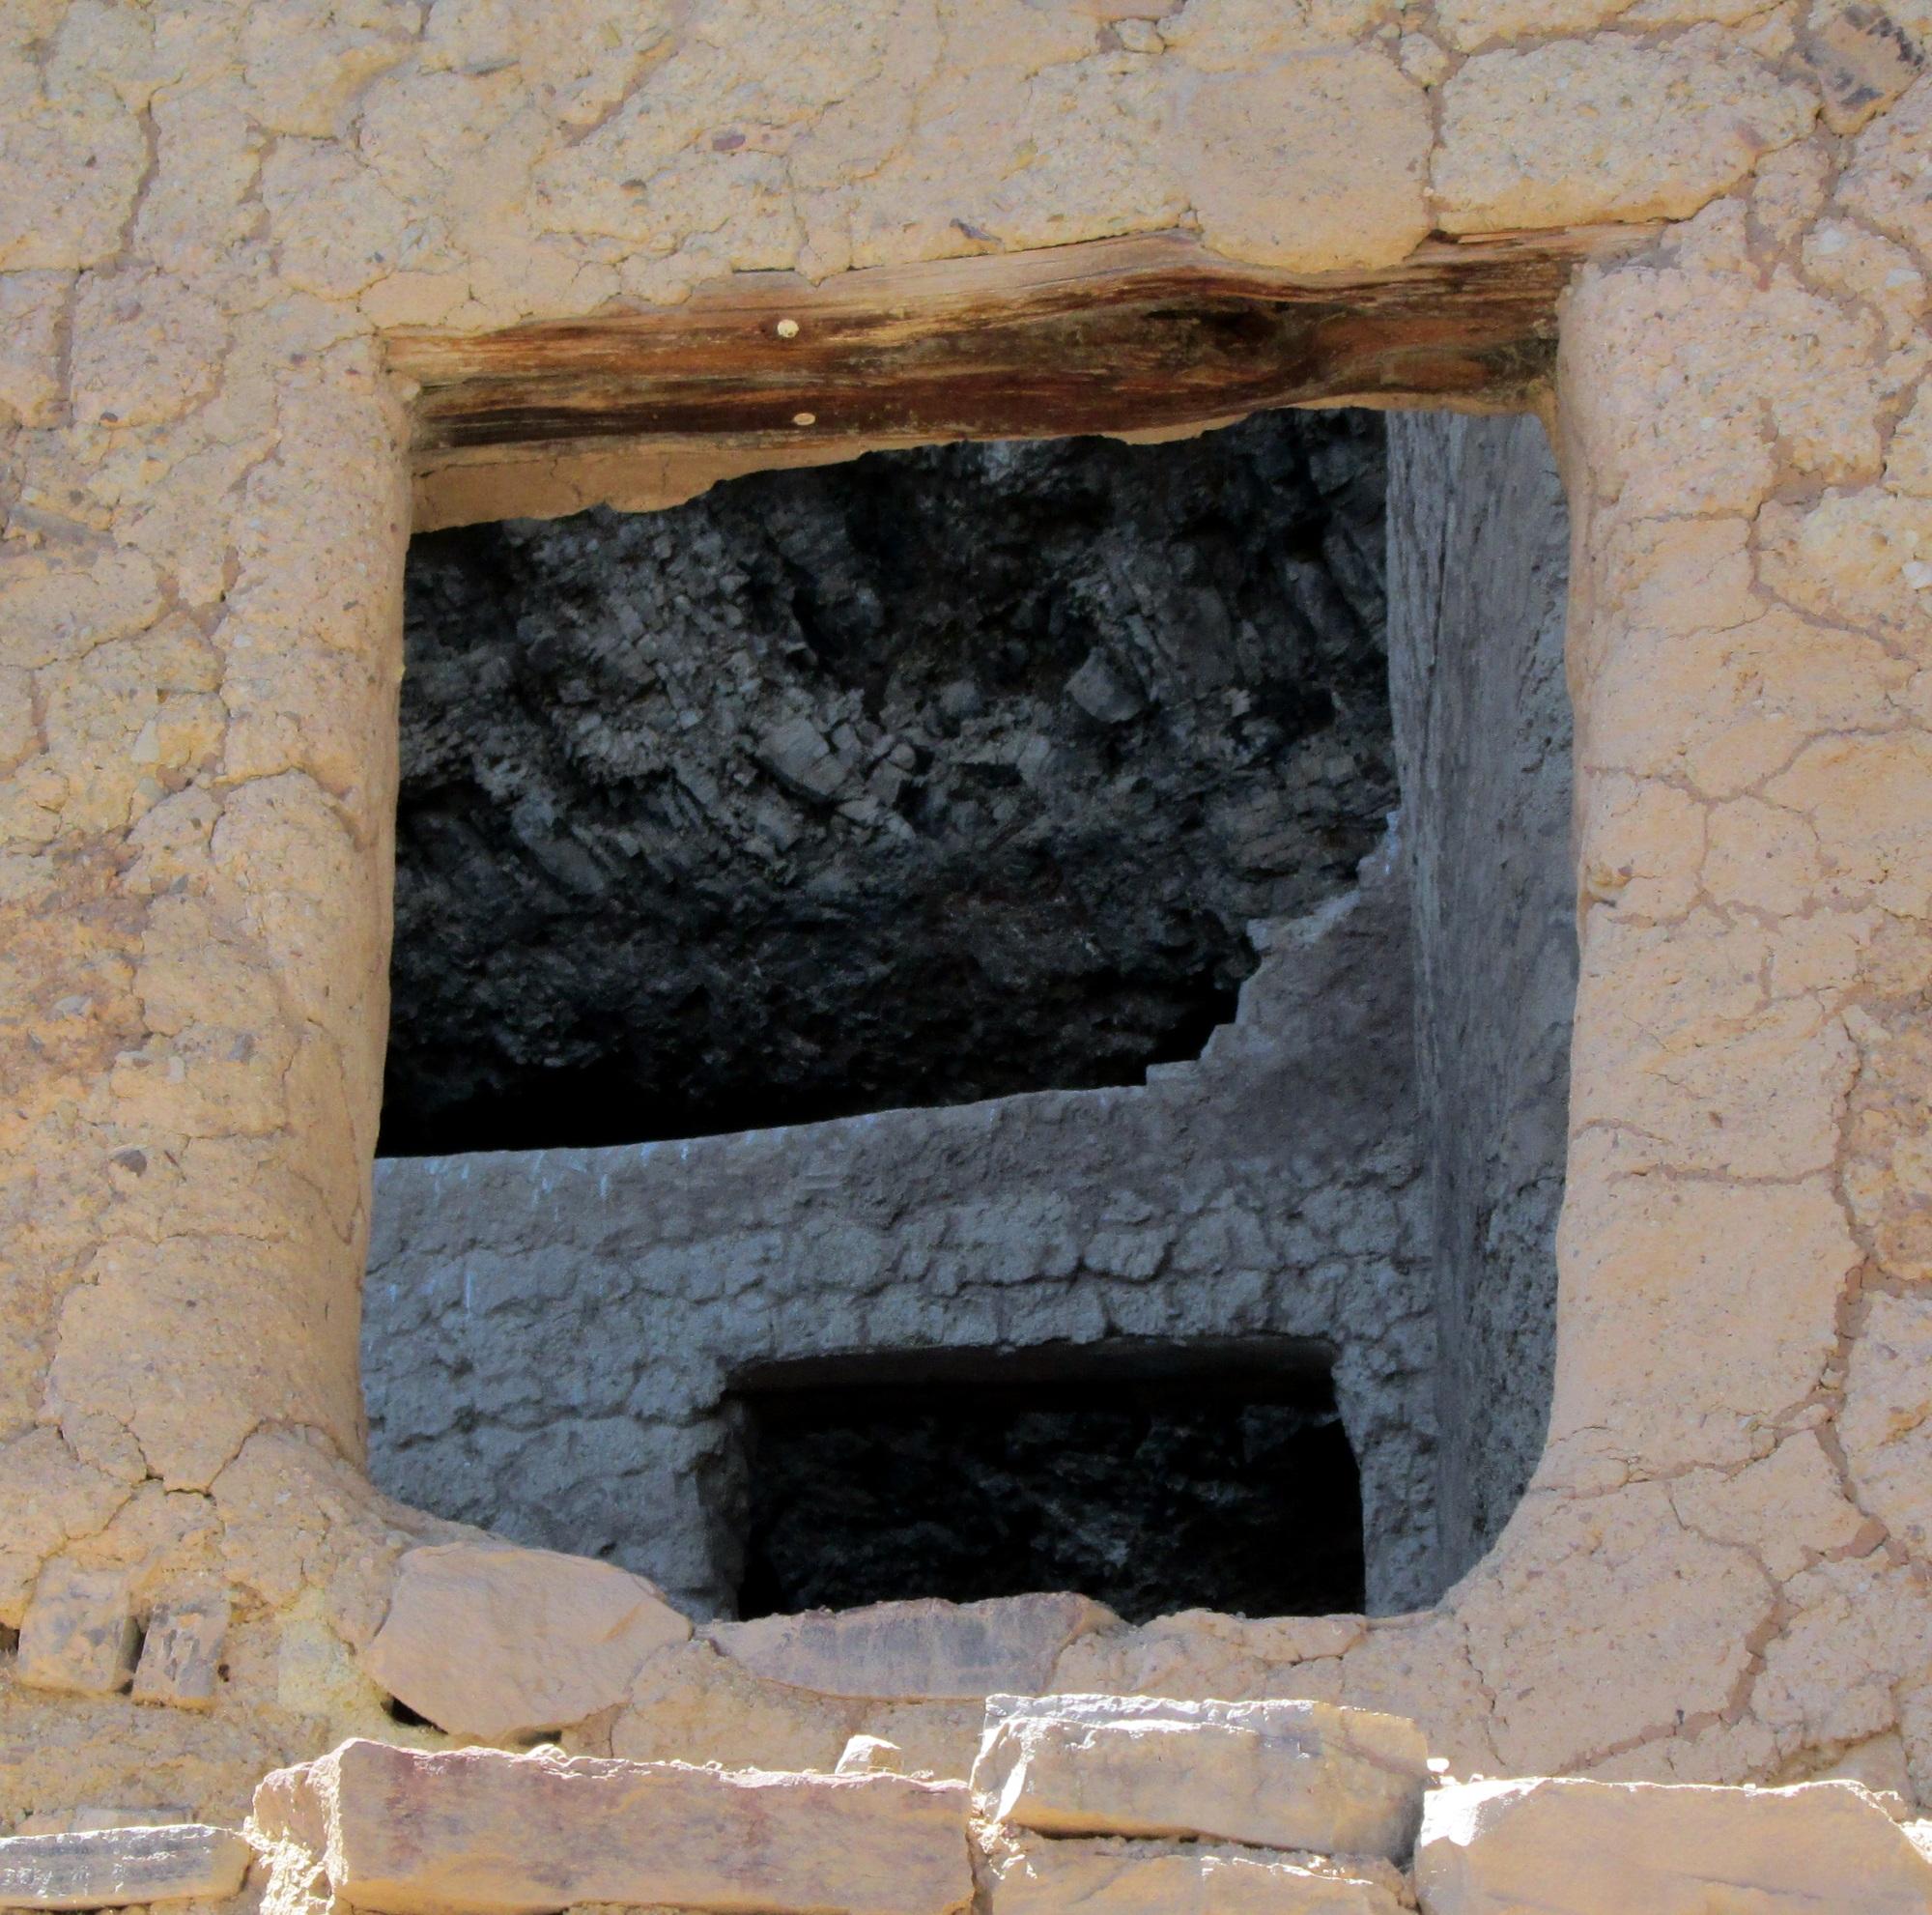 Kostenlose foto : Rock, die Architektur, Holz, Fenster, Gebäude, alt ...